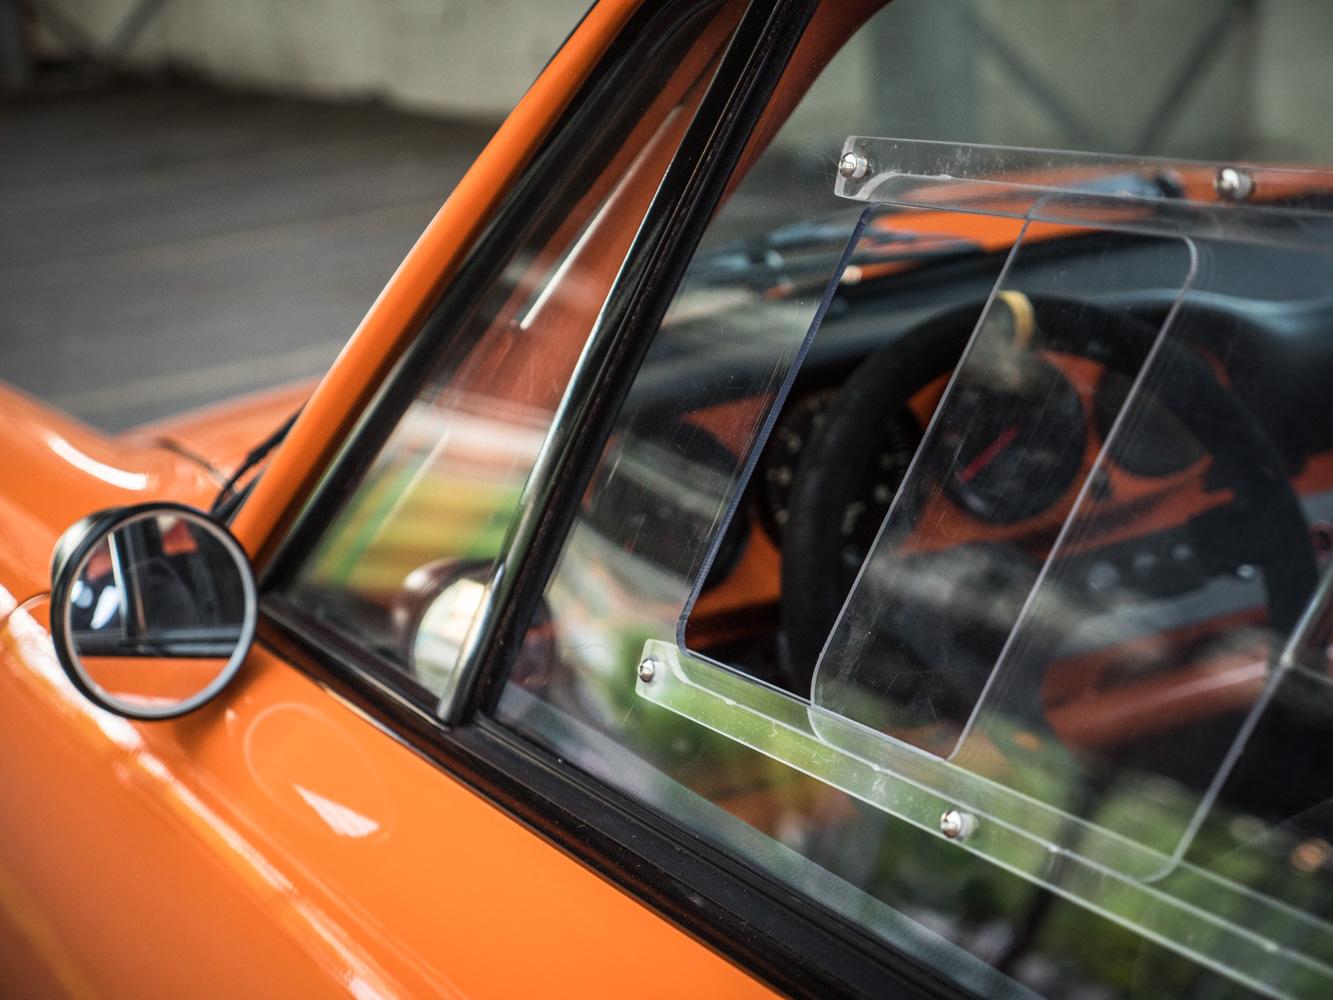 1969 Porsche 911 Carrera - 61.jpg.jpg